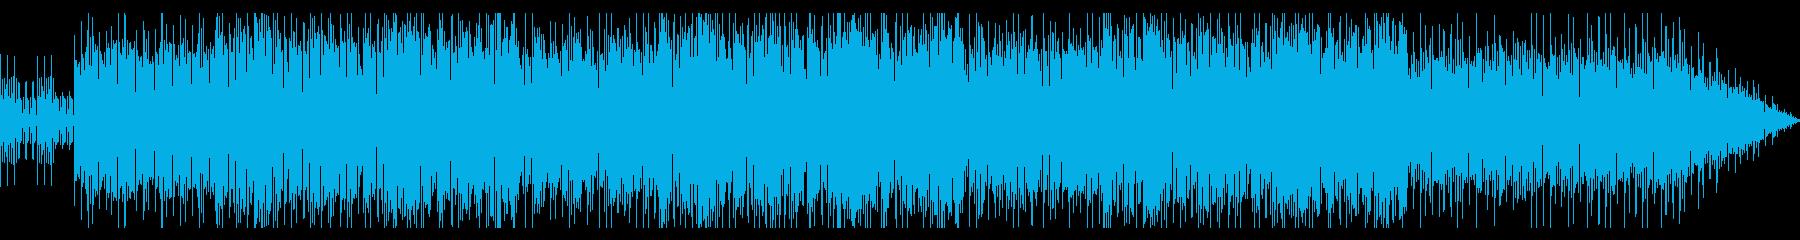 のんびりしたインストポップの再生済みの波形